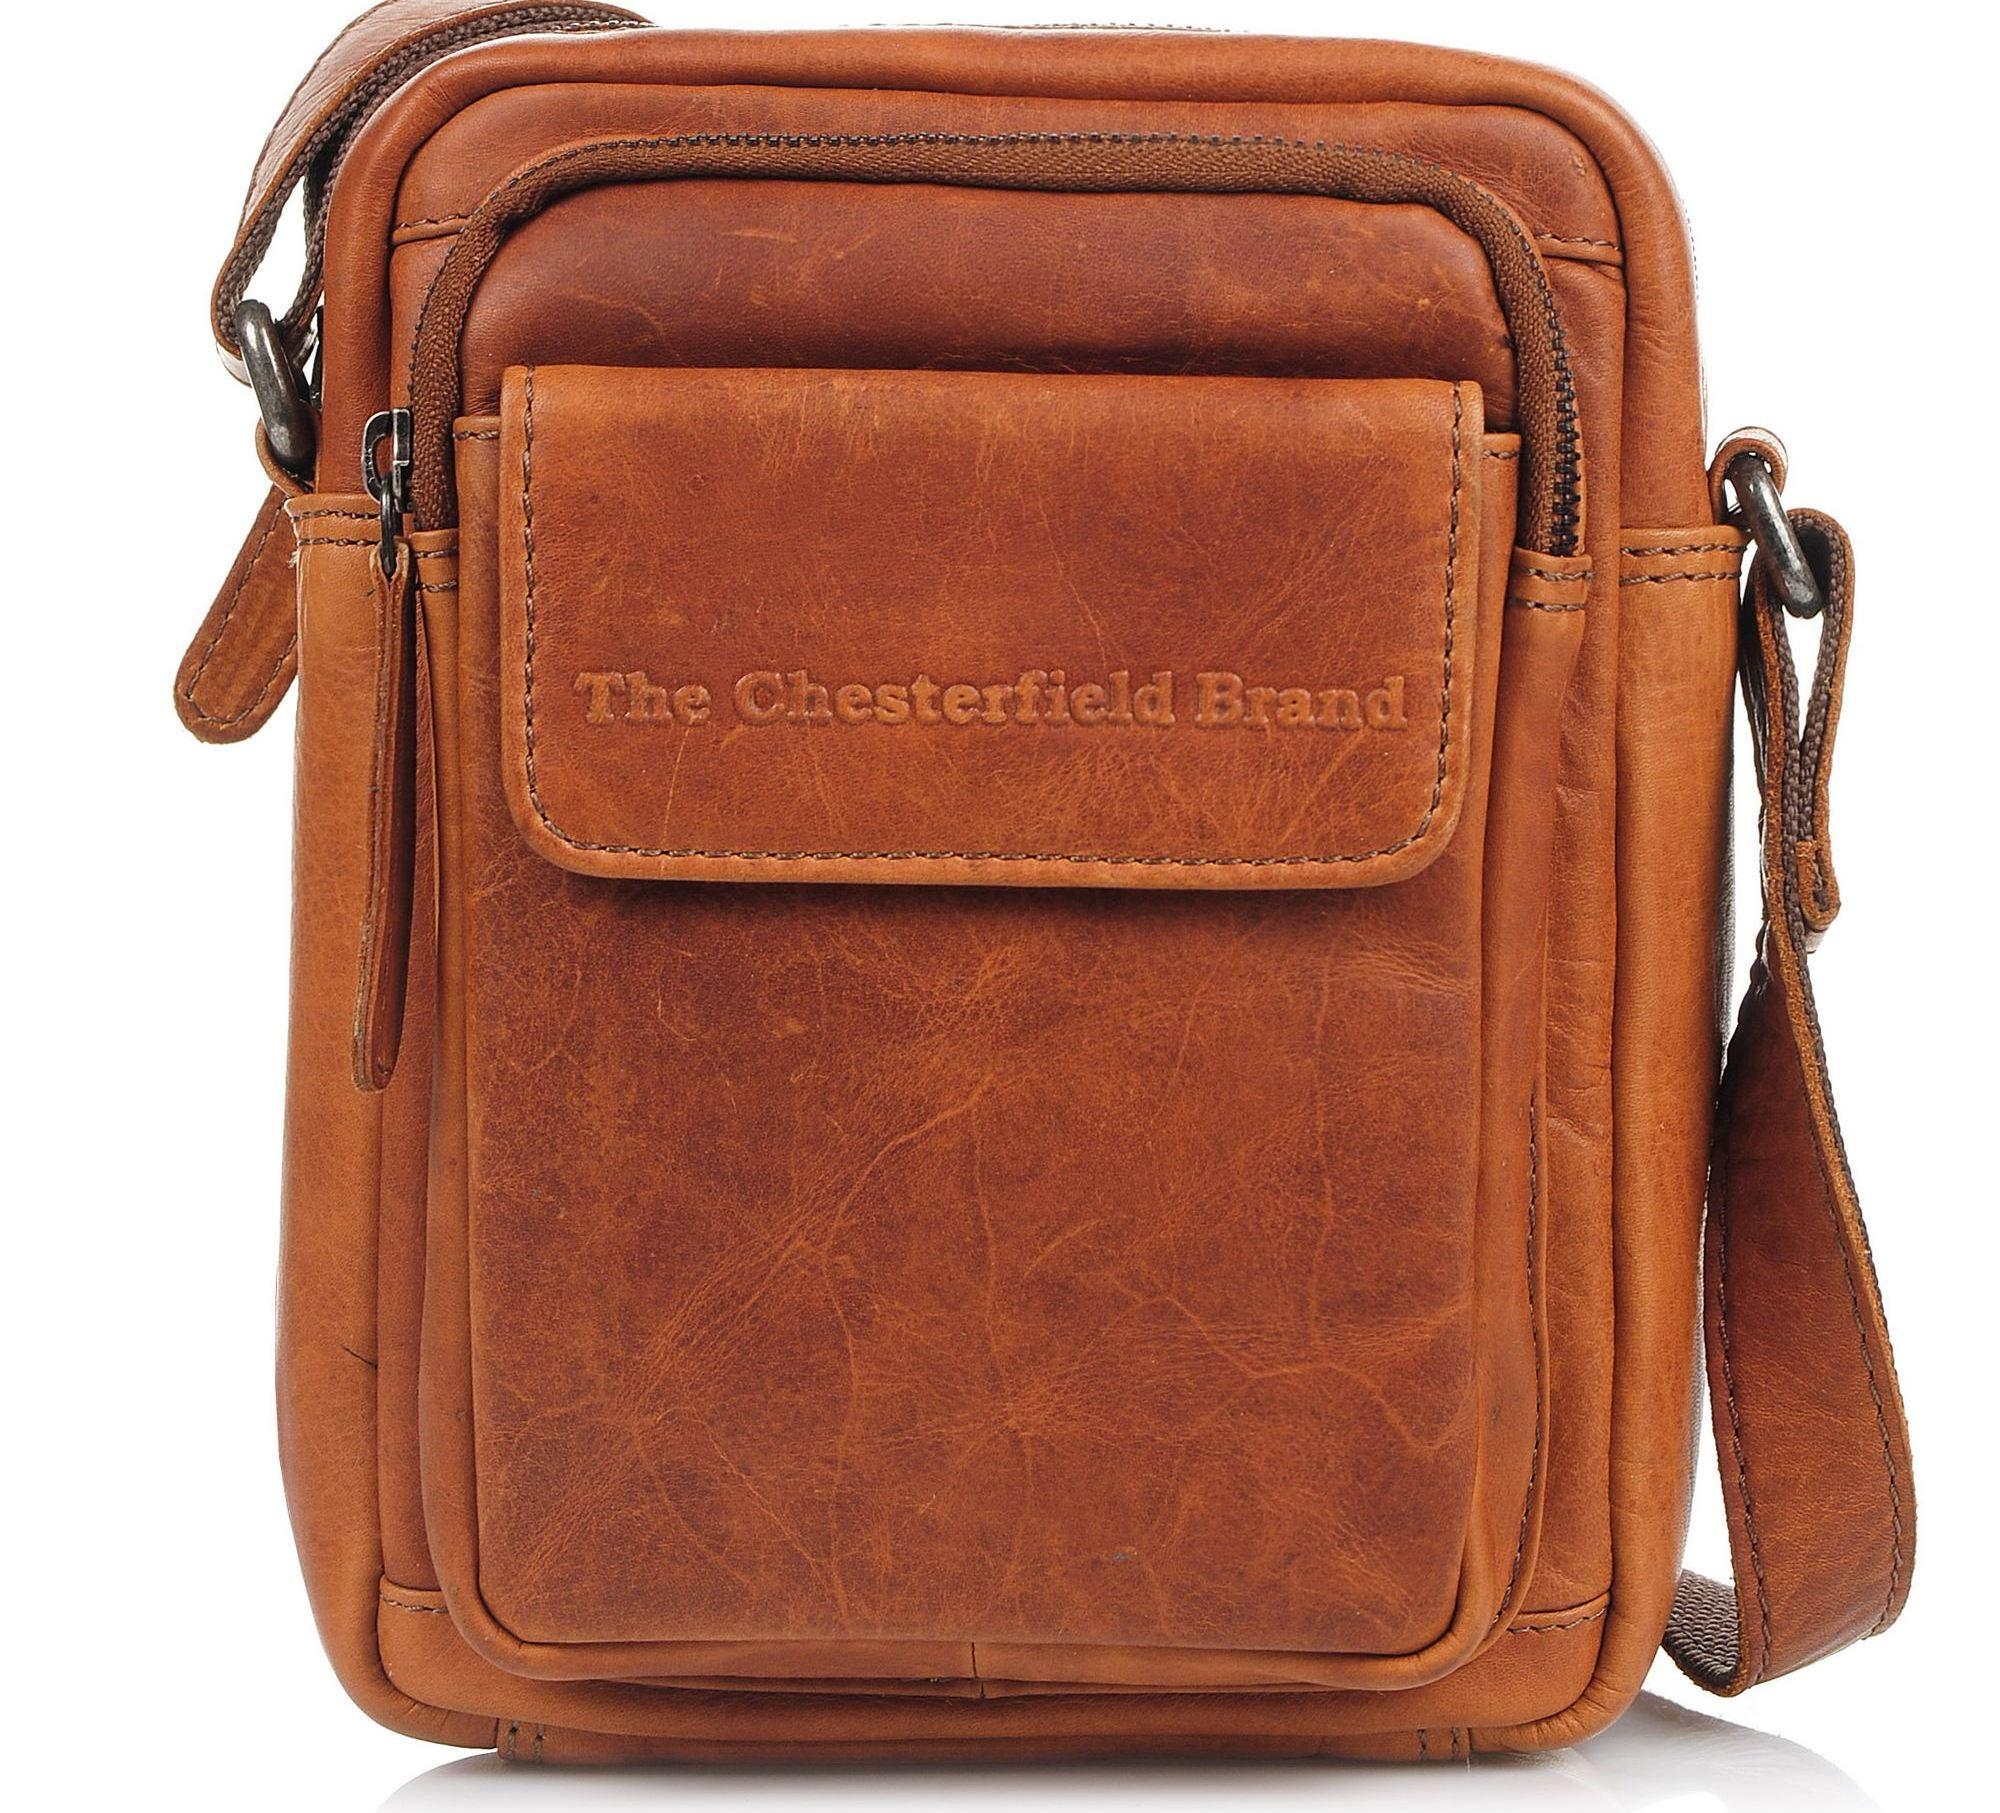 Δερμάτινο Τσαντάκι Χιαστί The Chesterfield Brand C48.0714